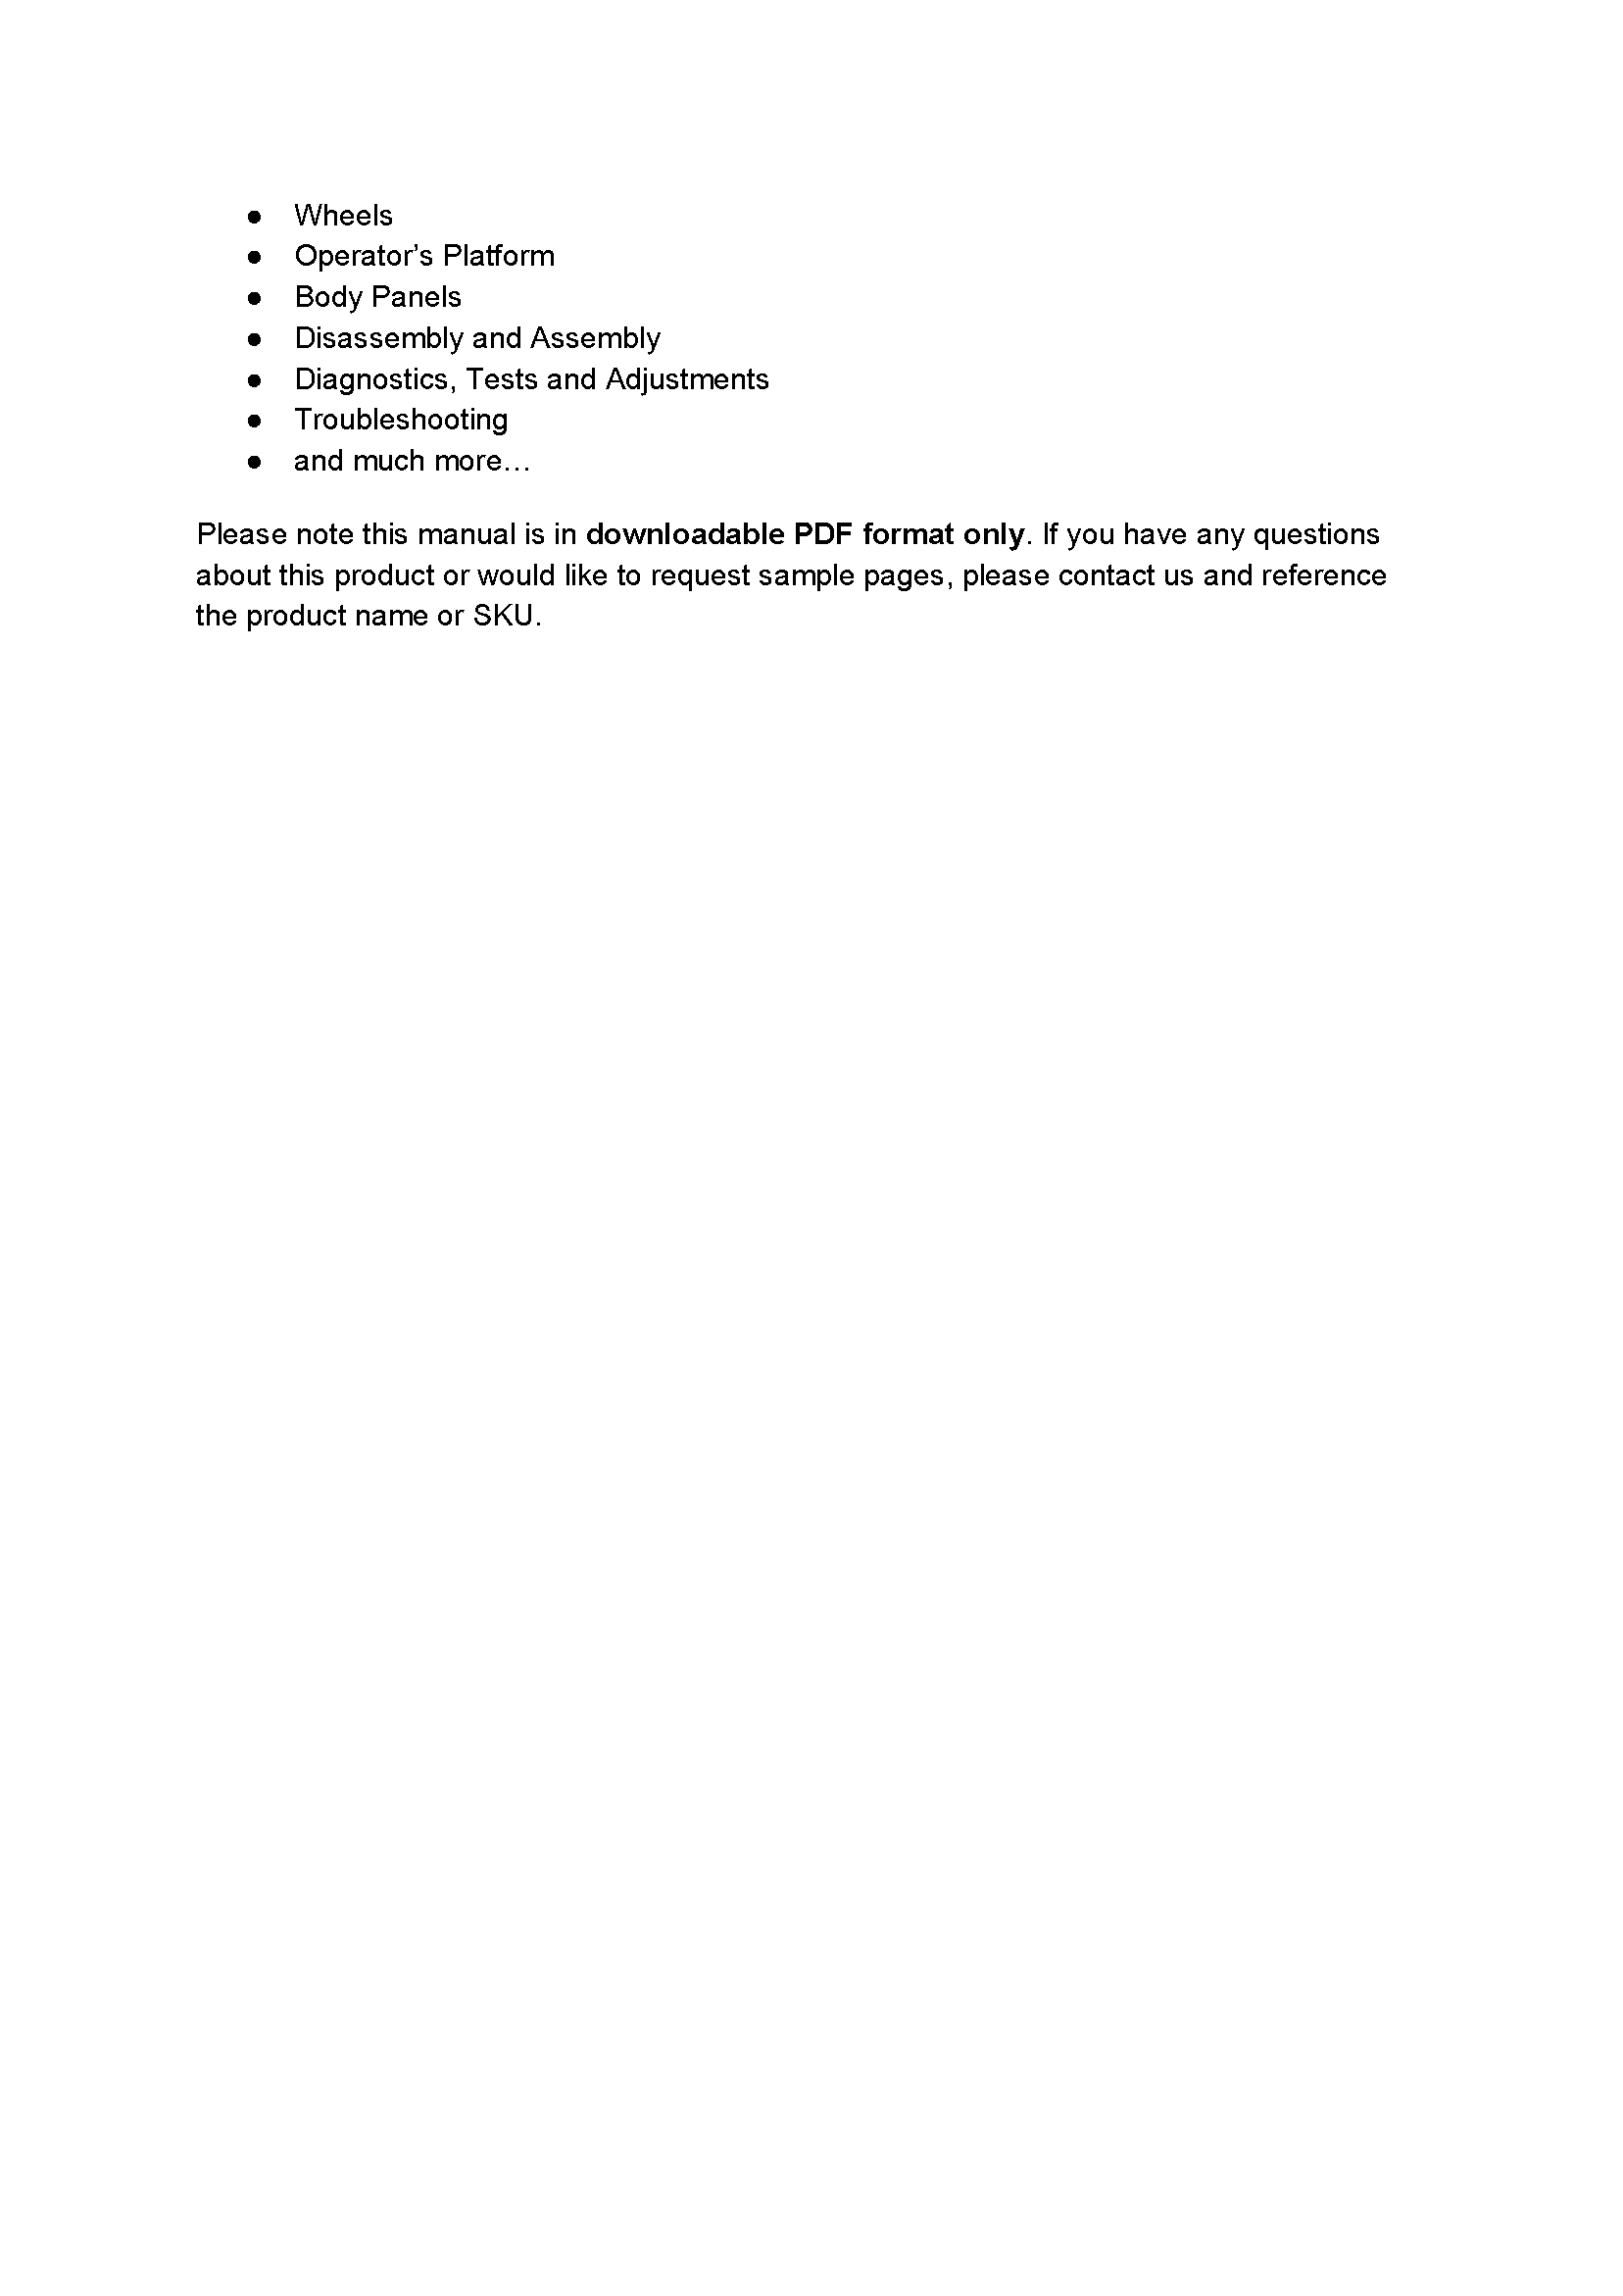 John Deere 2025R manual pdf